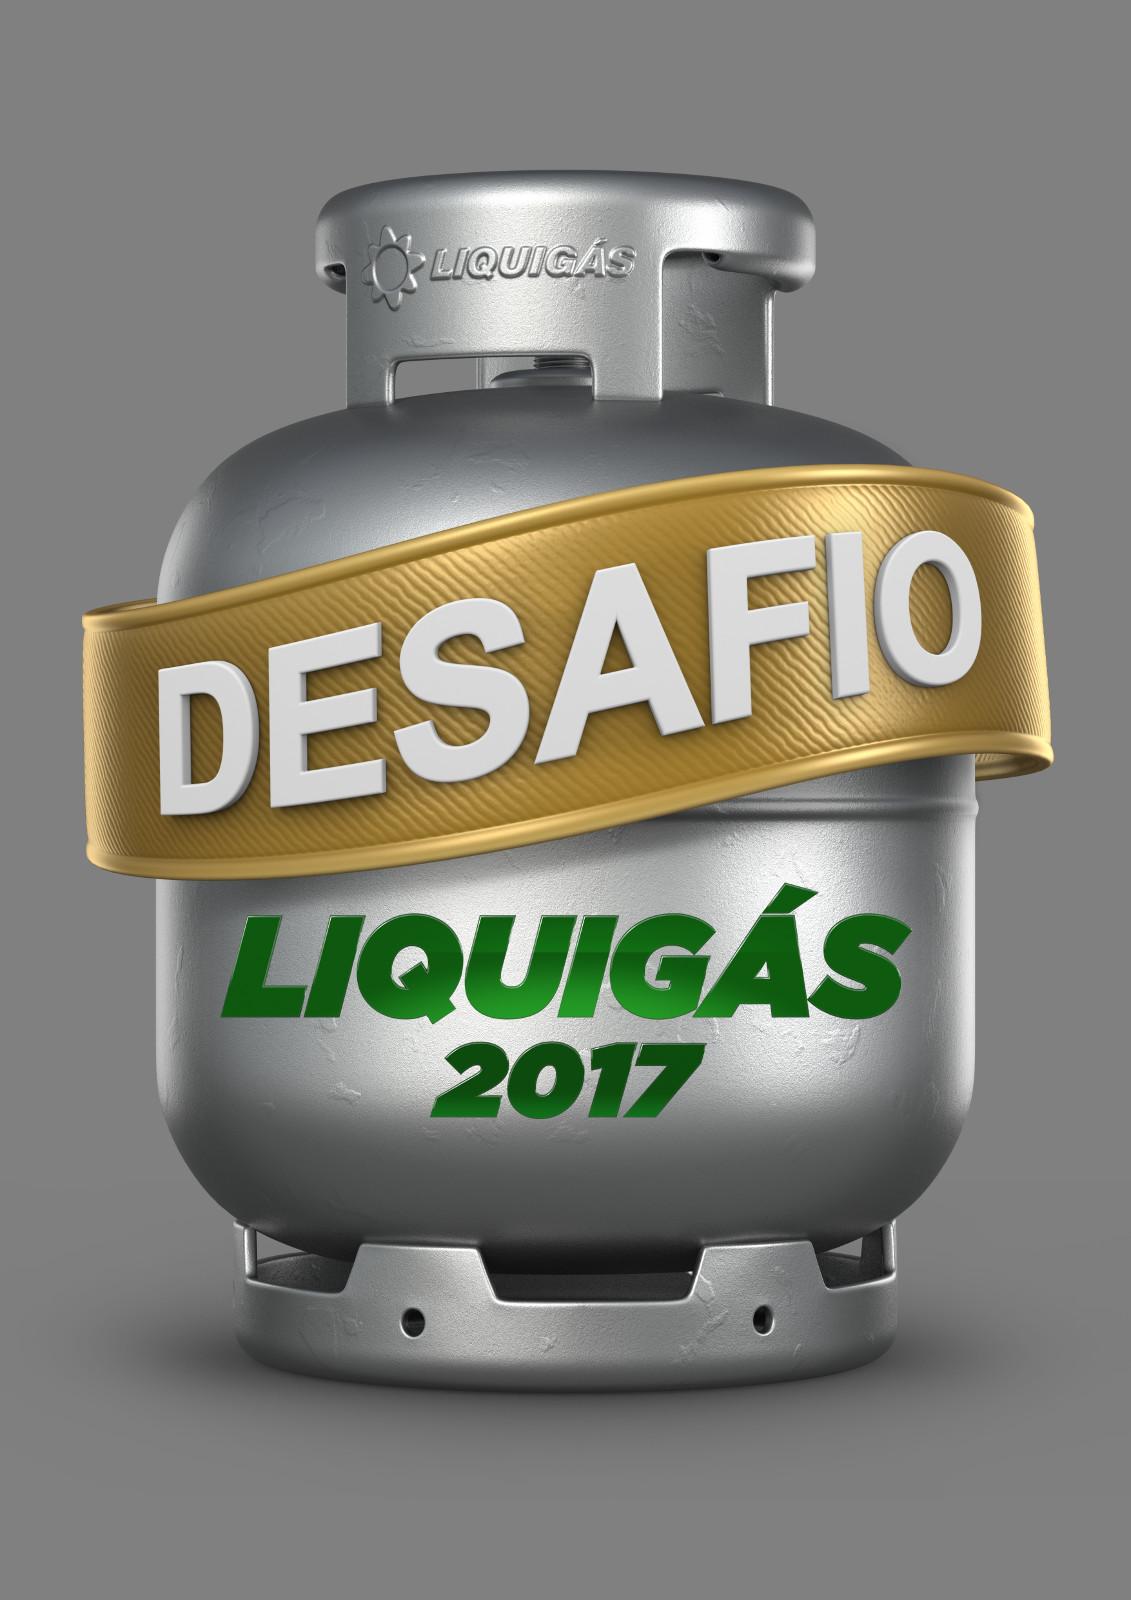 Lucas falcao liquigas 2017 1600b